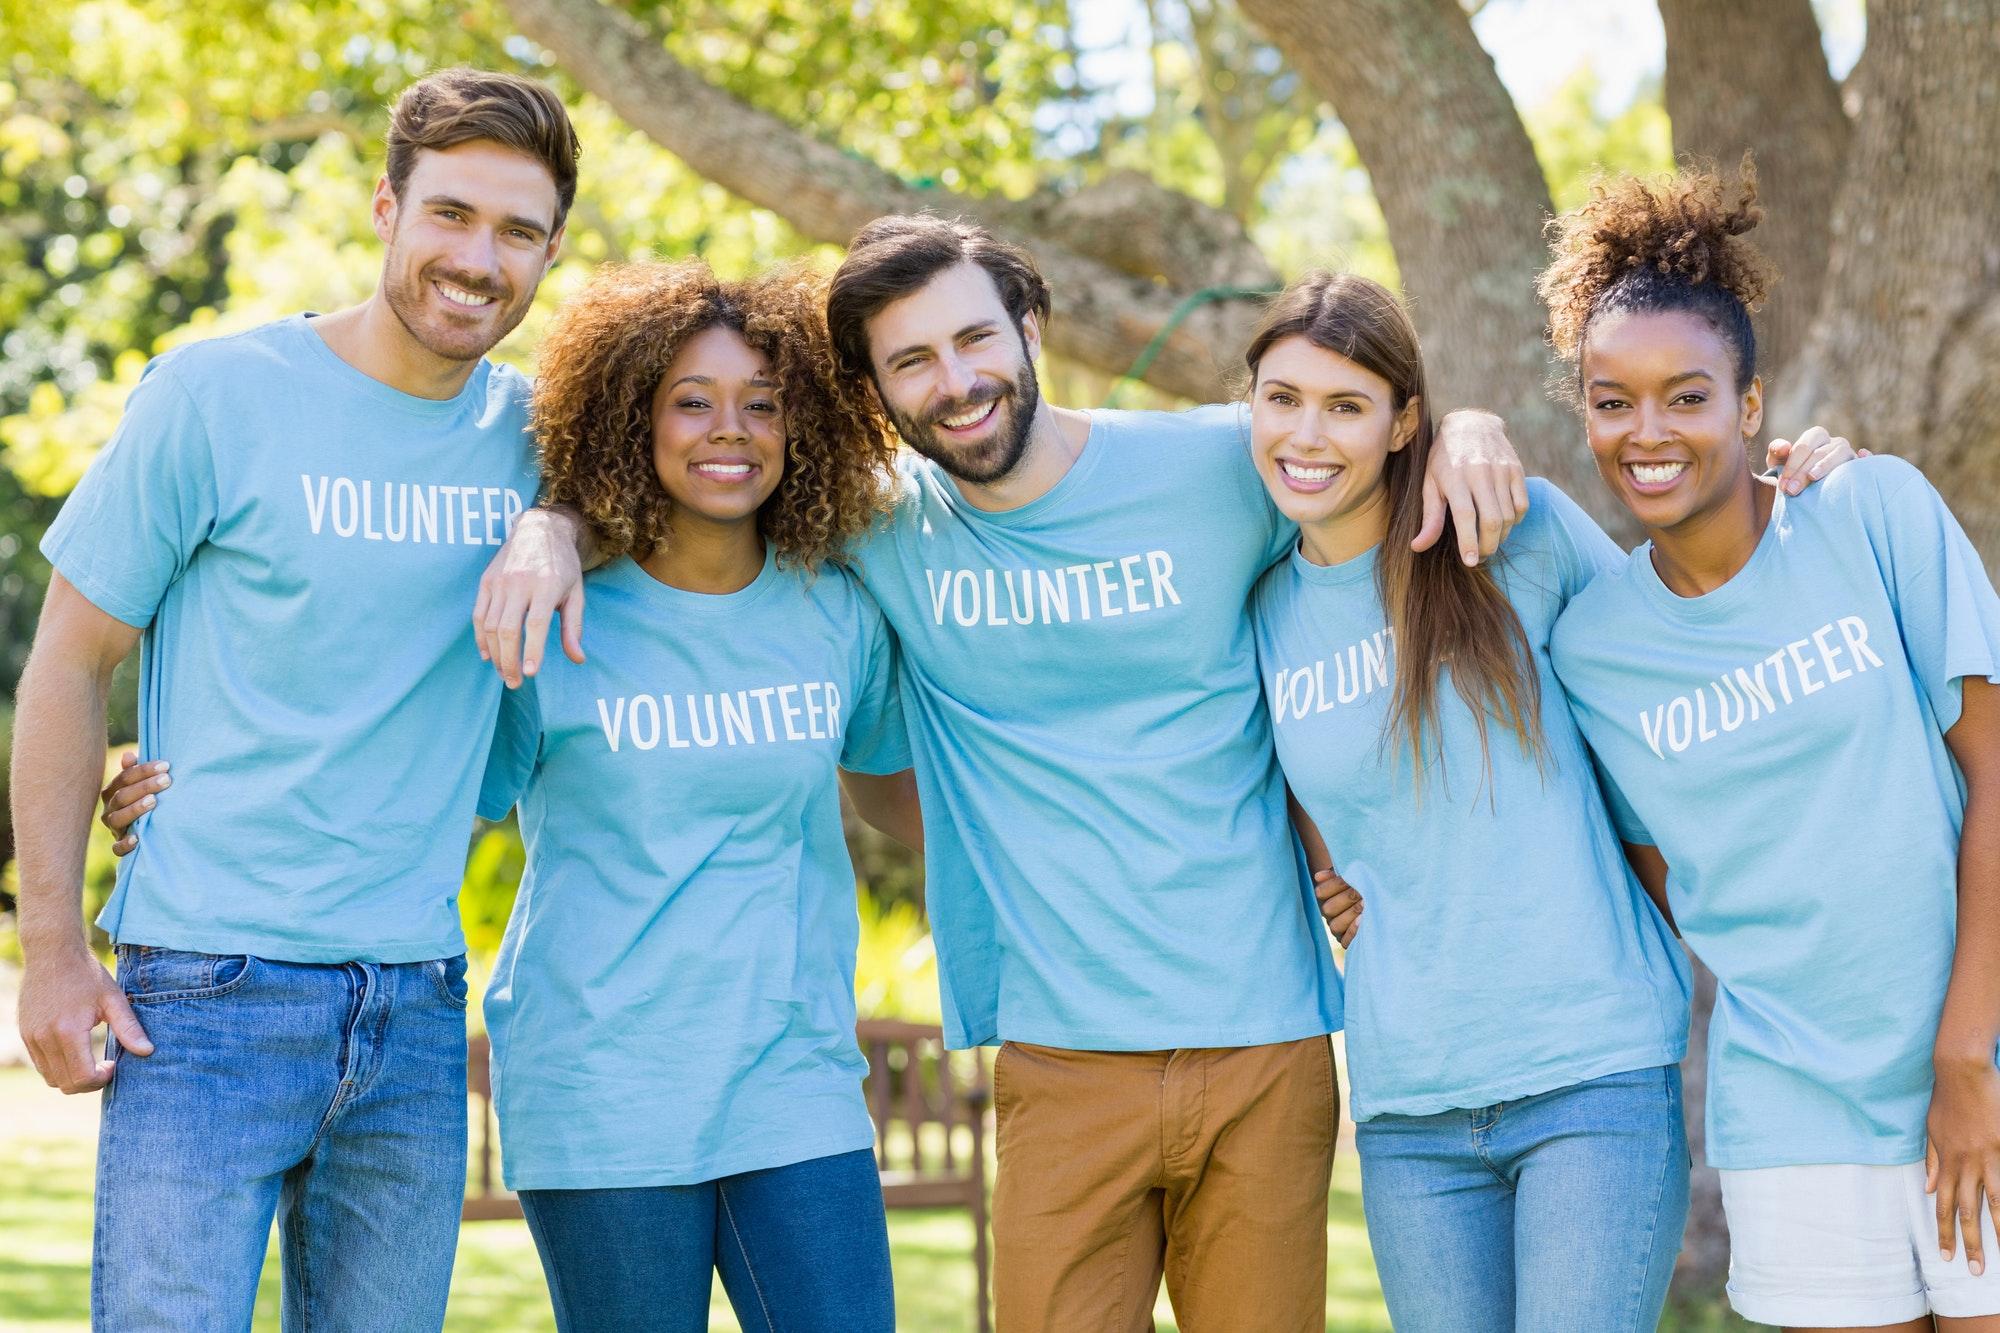 portrait-of-volunteer-group-posing.jpg